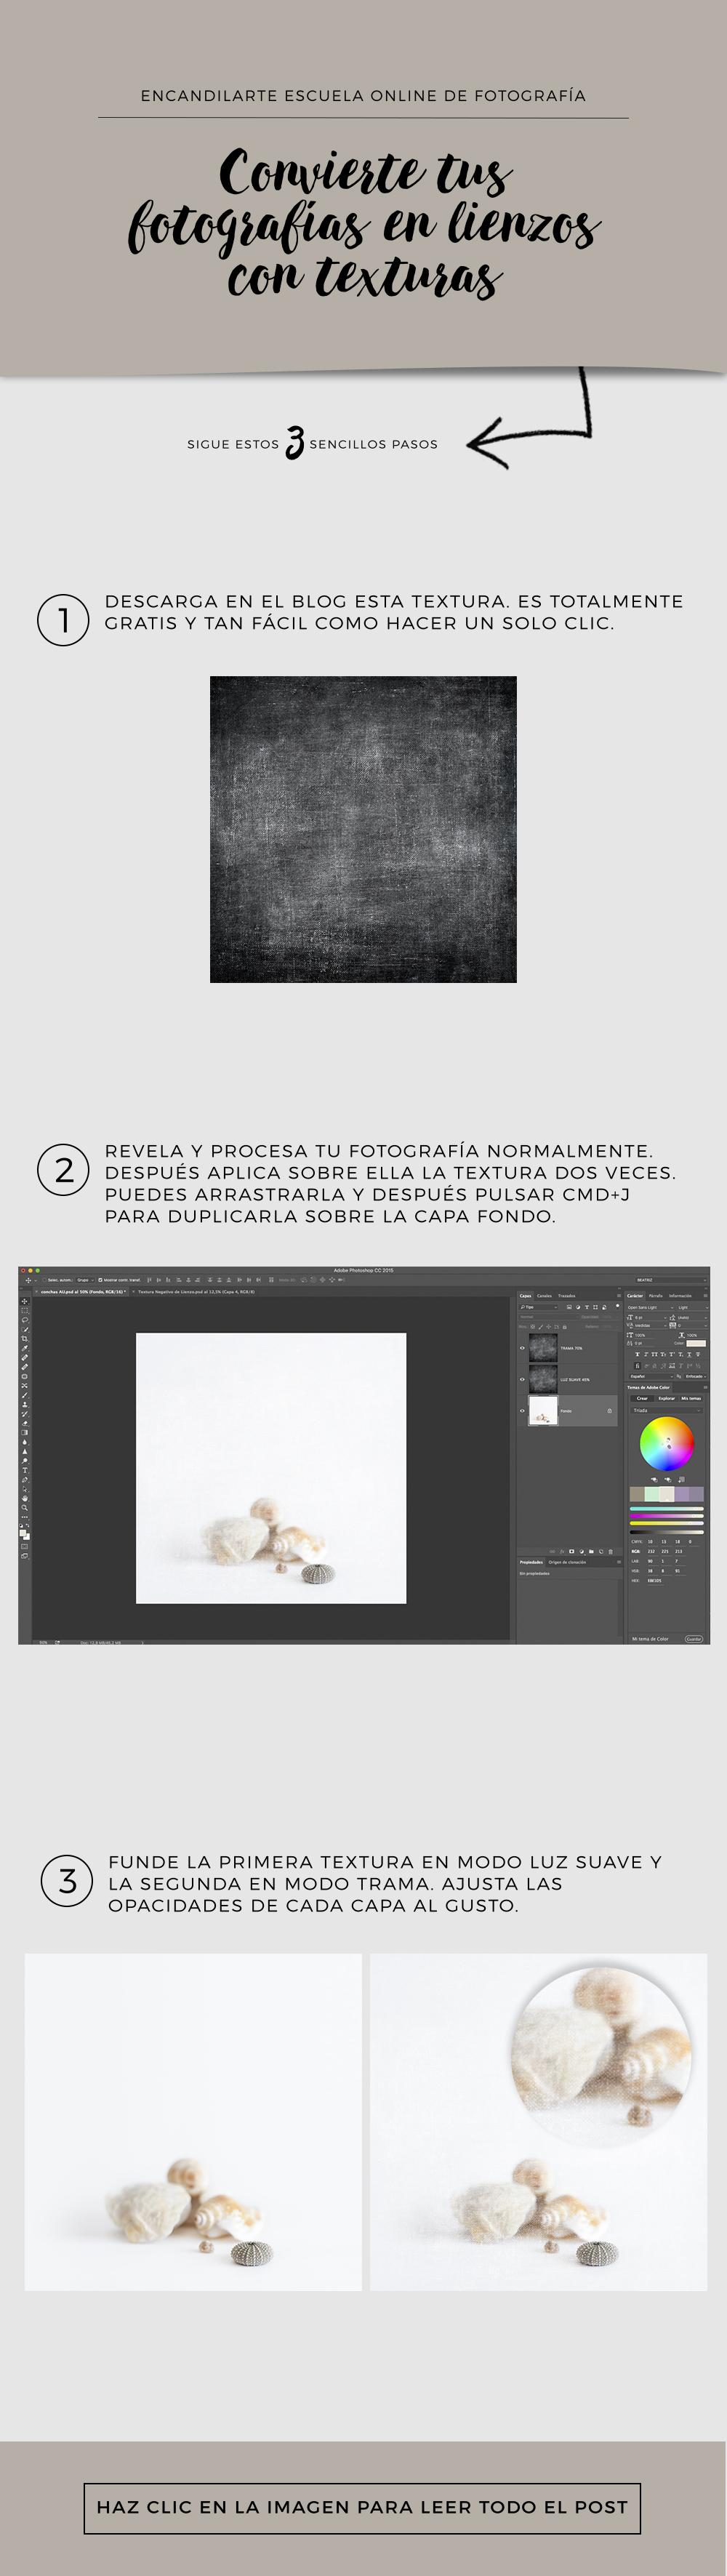 TUTORIAL PHOTOSHOP Convierte tus fotografías en lienzos con texturas. Encandilarte Fotografía. #escuelaencandilarte